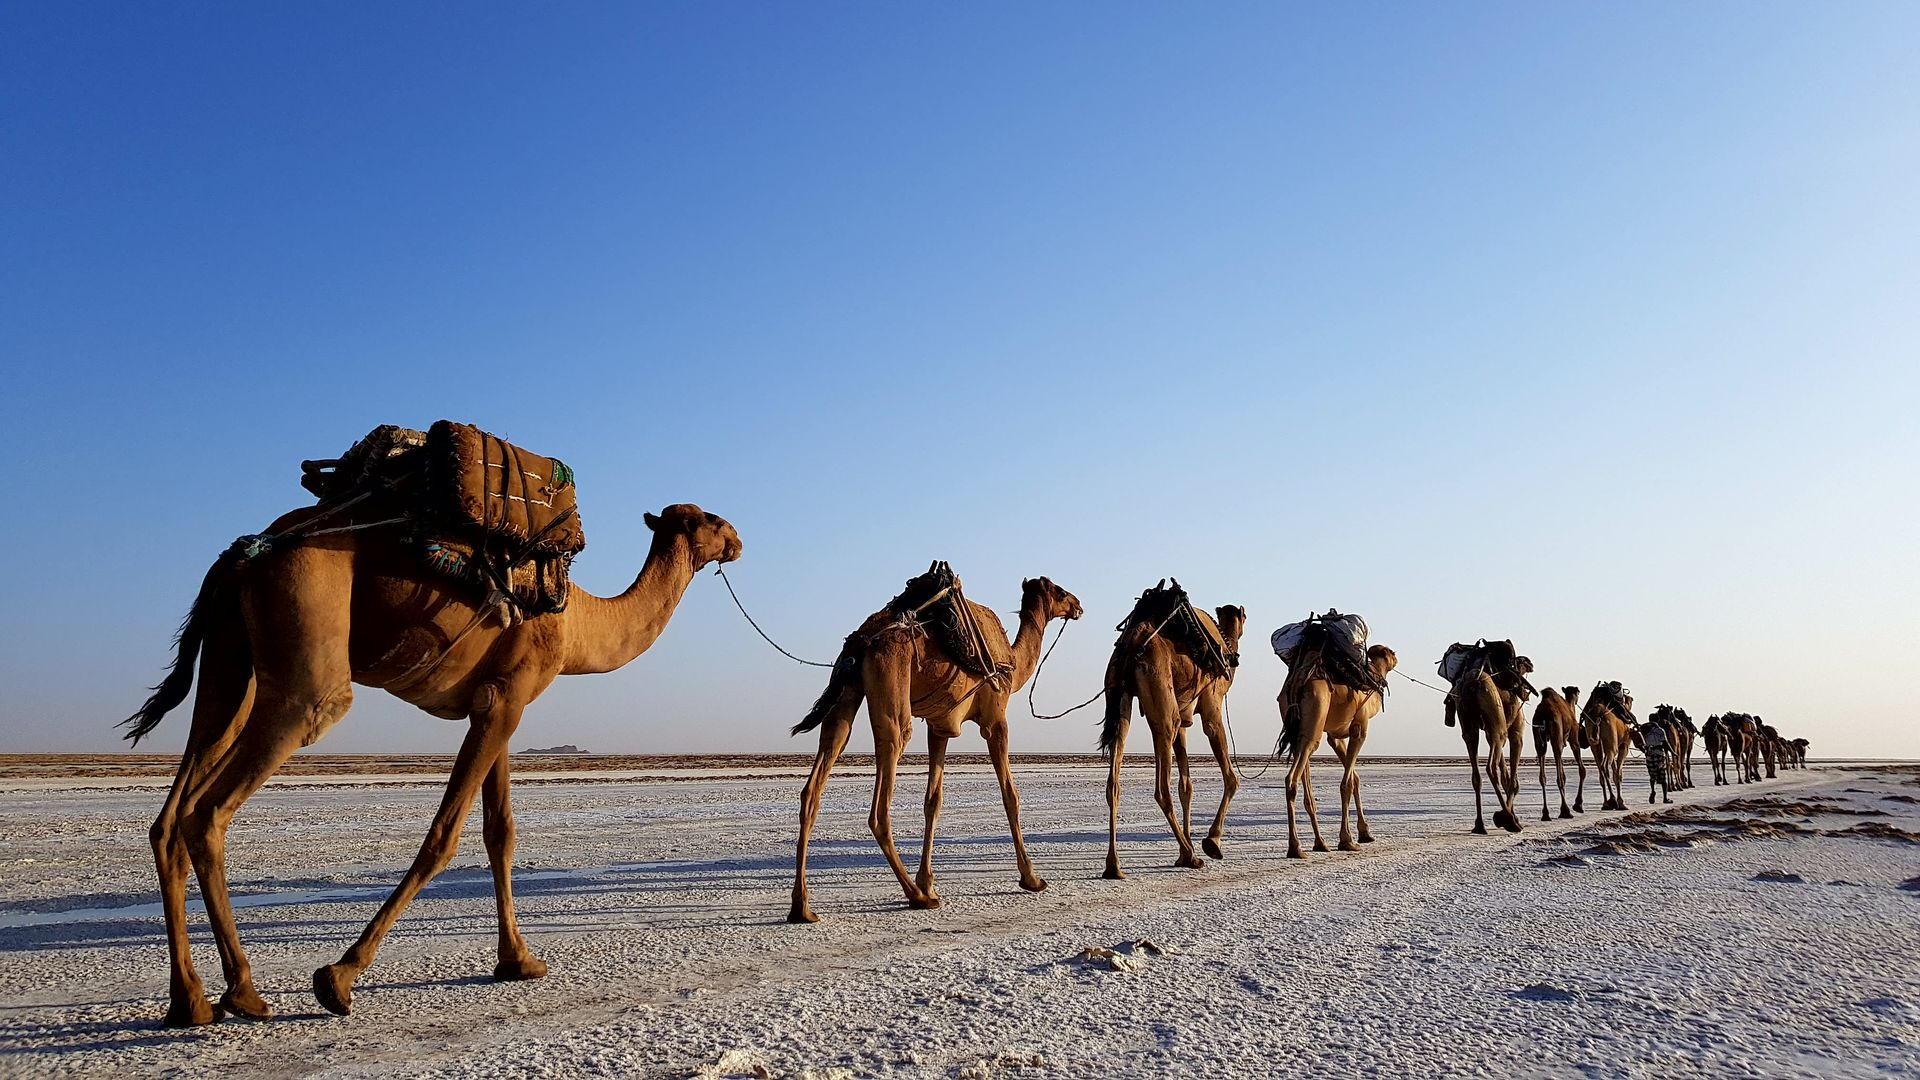 Bezienswaardigheden Ethiopië - Highlights & Hoogtepunten | Matoke Tours